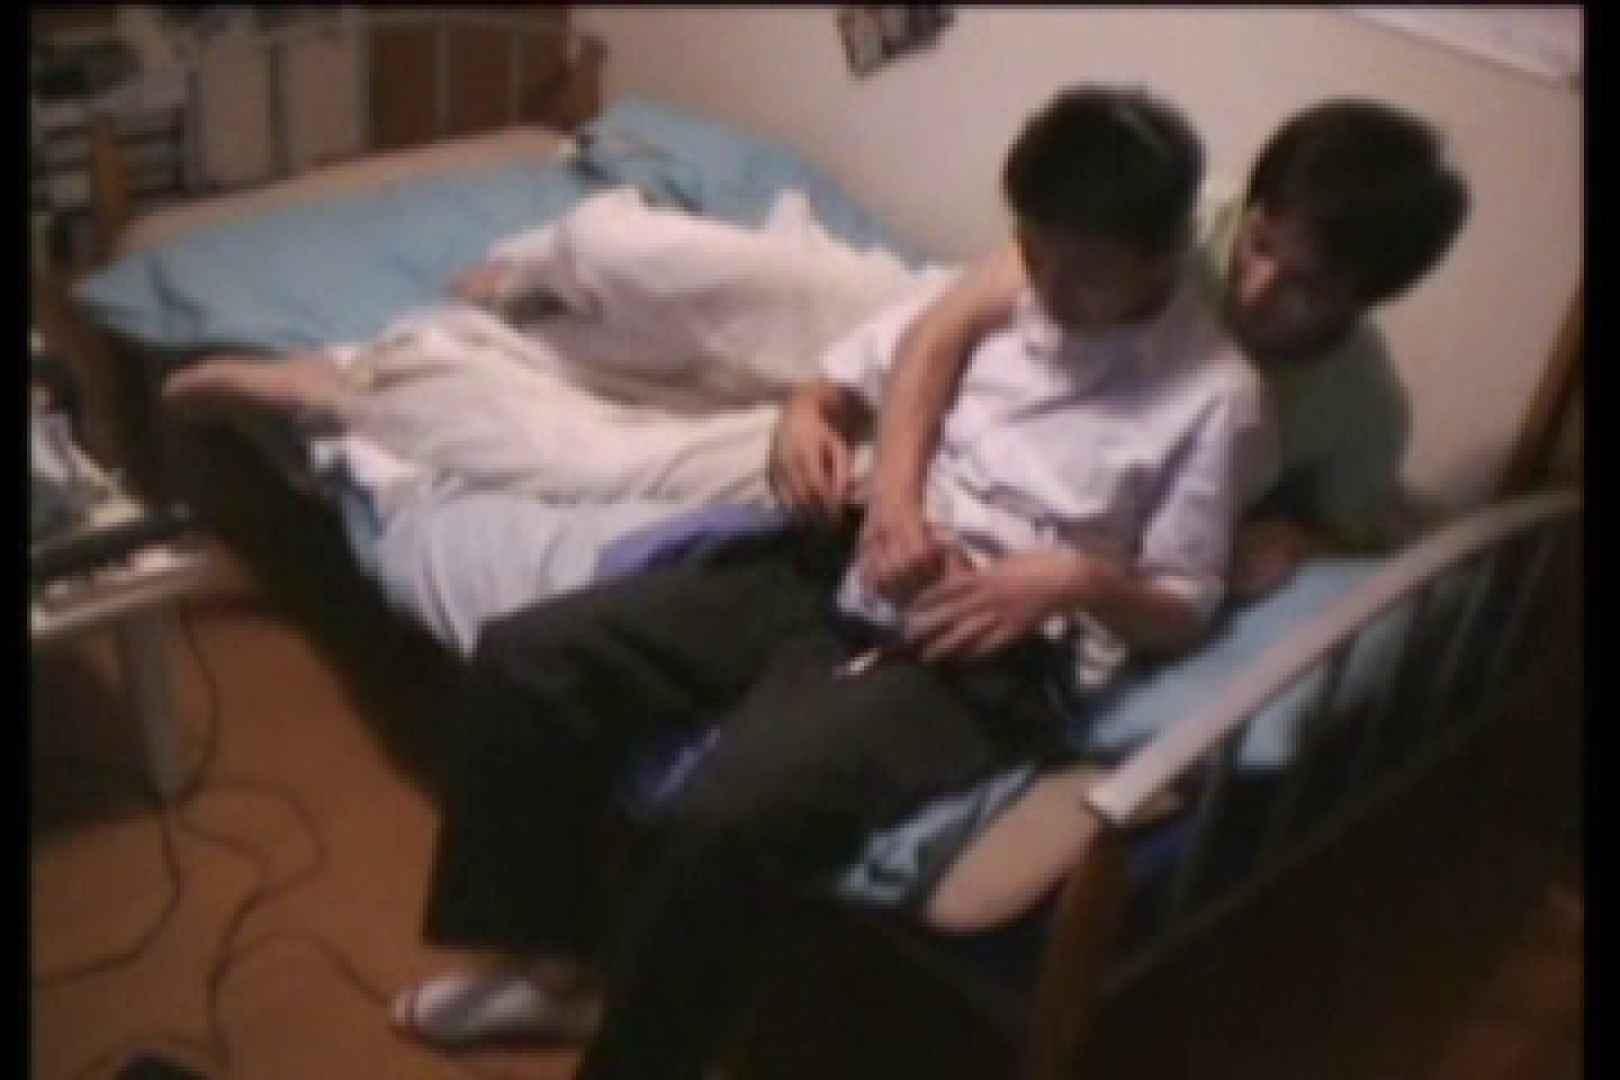 【実録投稿】友達覗撮In my room!! 射精  102pic 38